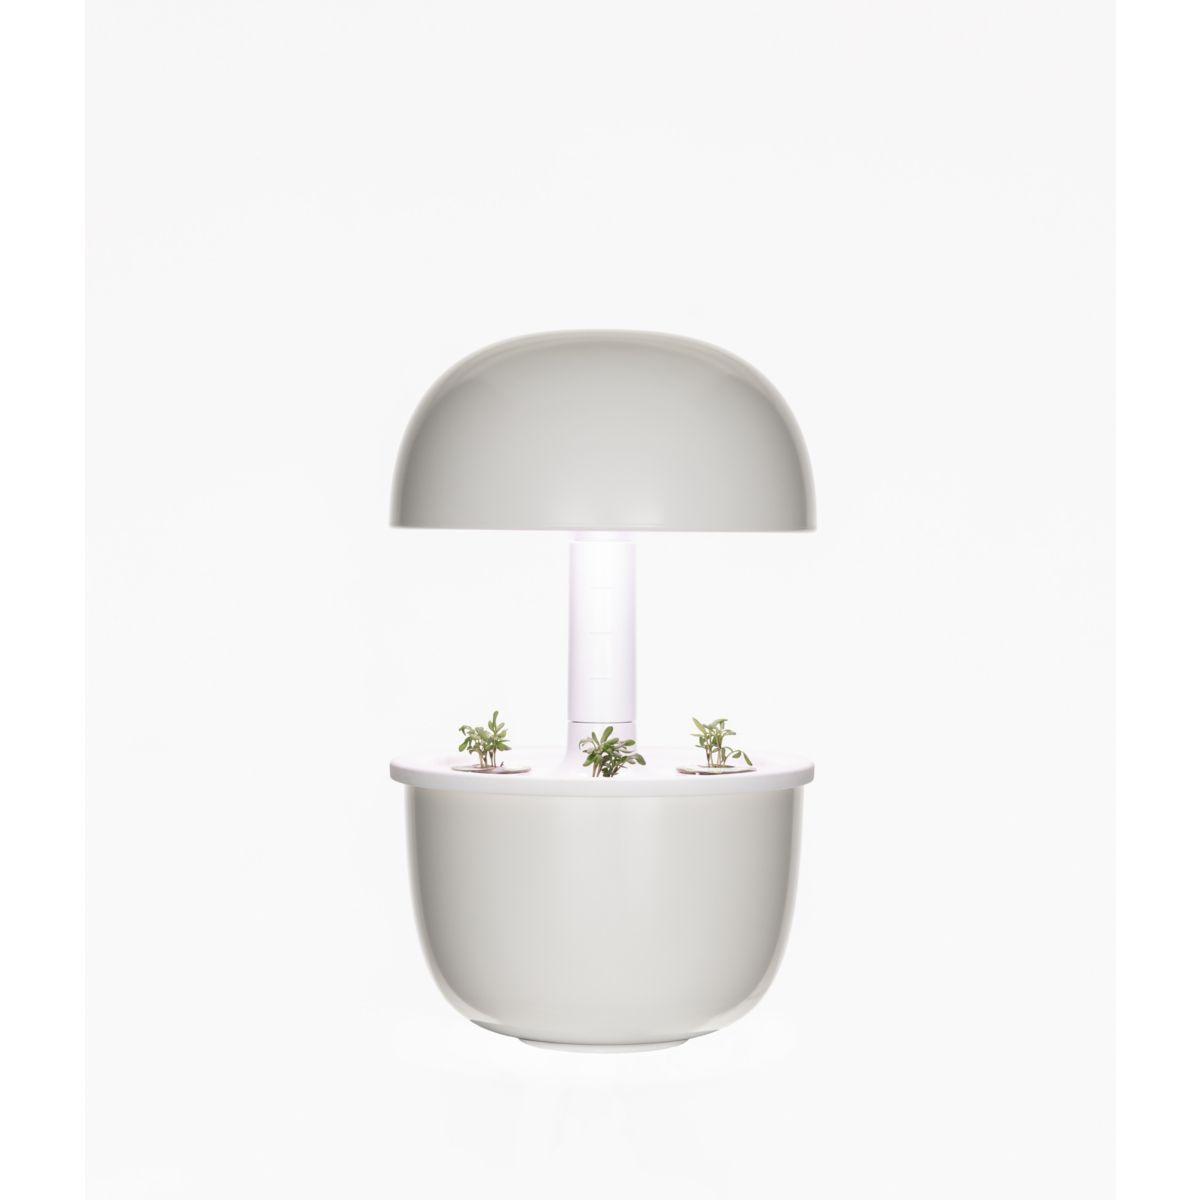 Jardin d'int�rieur plantui 3e smart garden blanc - livraison offerte : code liv (photo)